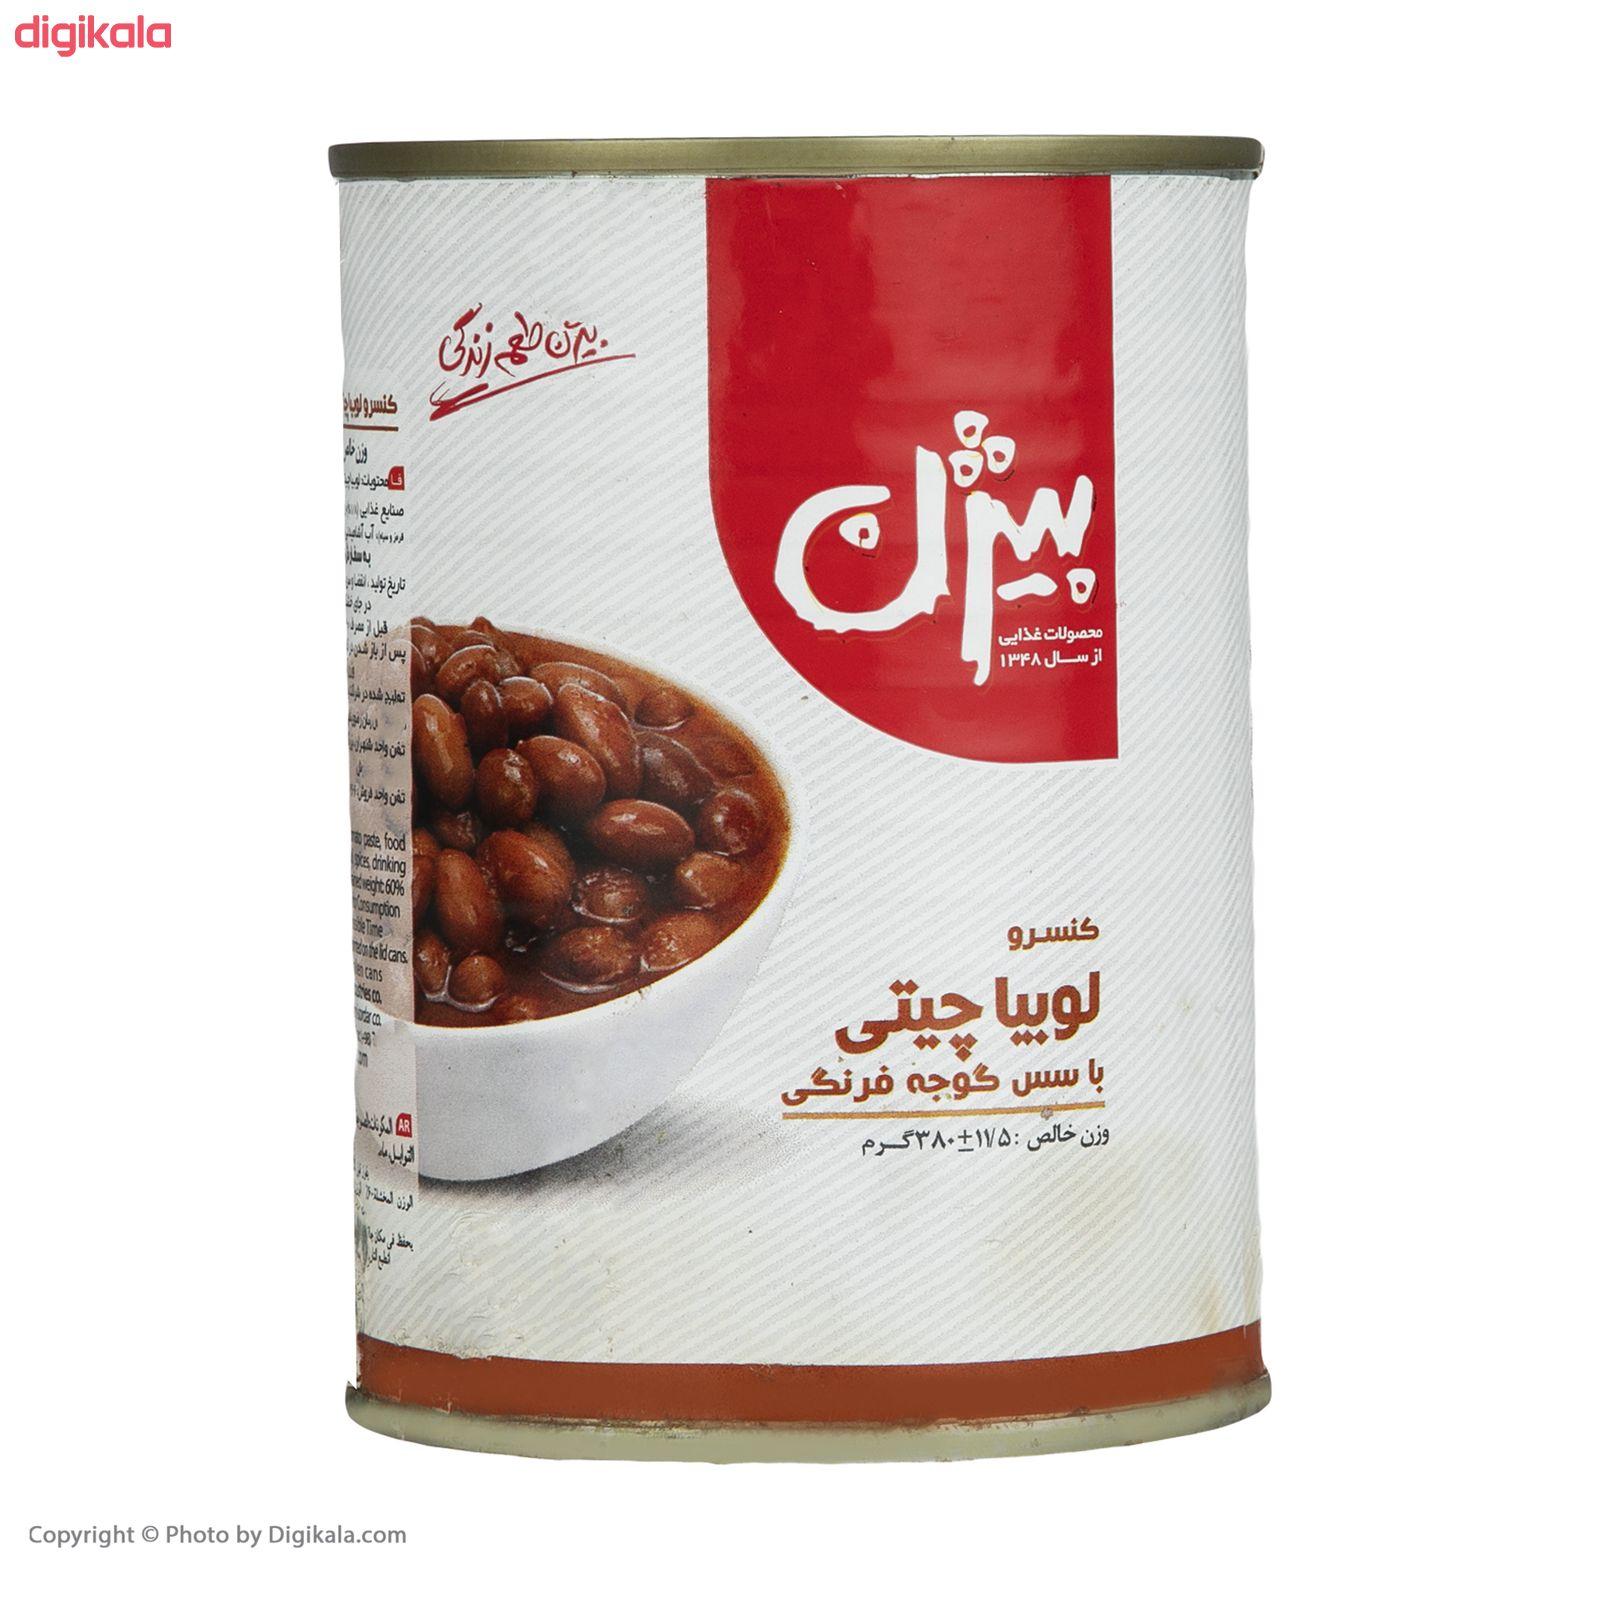 کنسرو لوبیا چیتی با سس گوجه فرنگی بیژن - 380 گرم  main 1 2